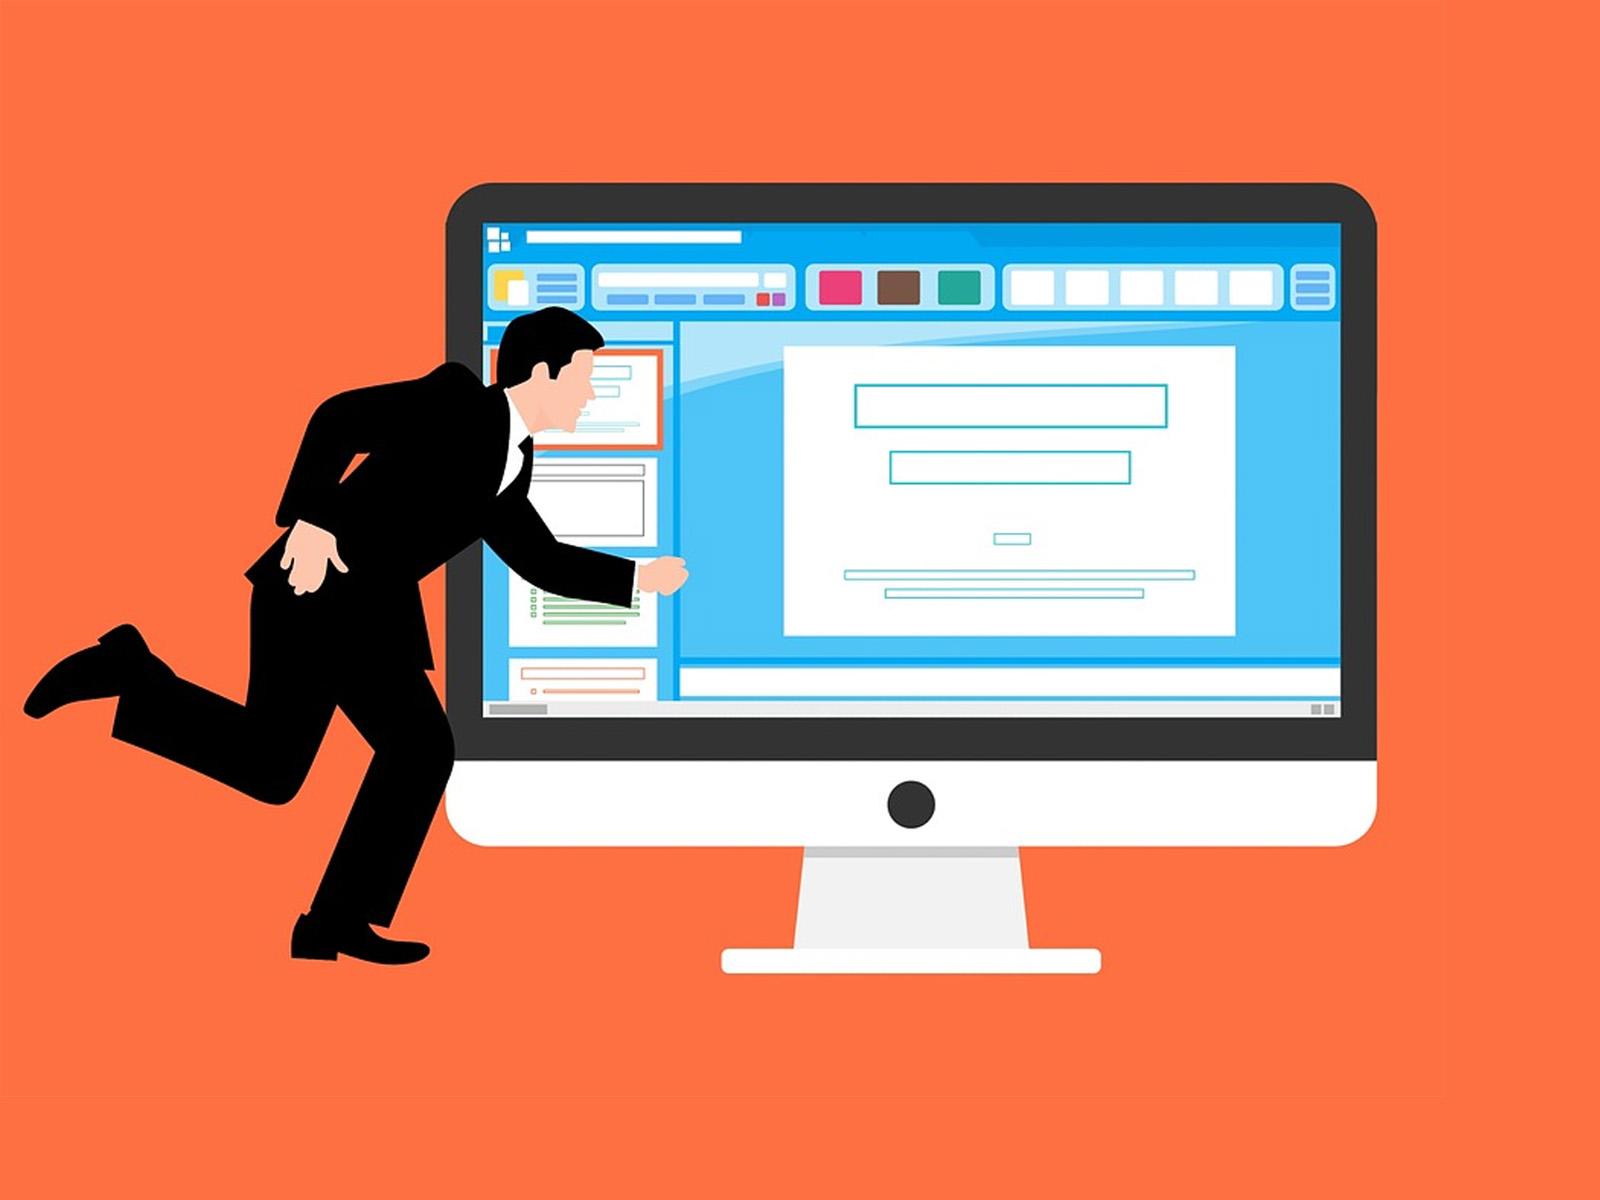 Strategi Meningkatkan Penjualan Menggunakan Website